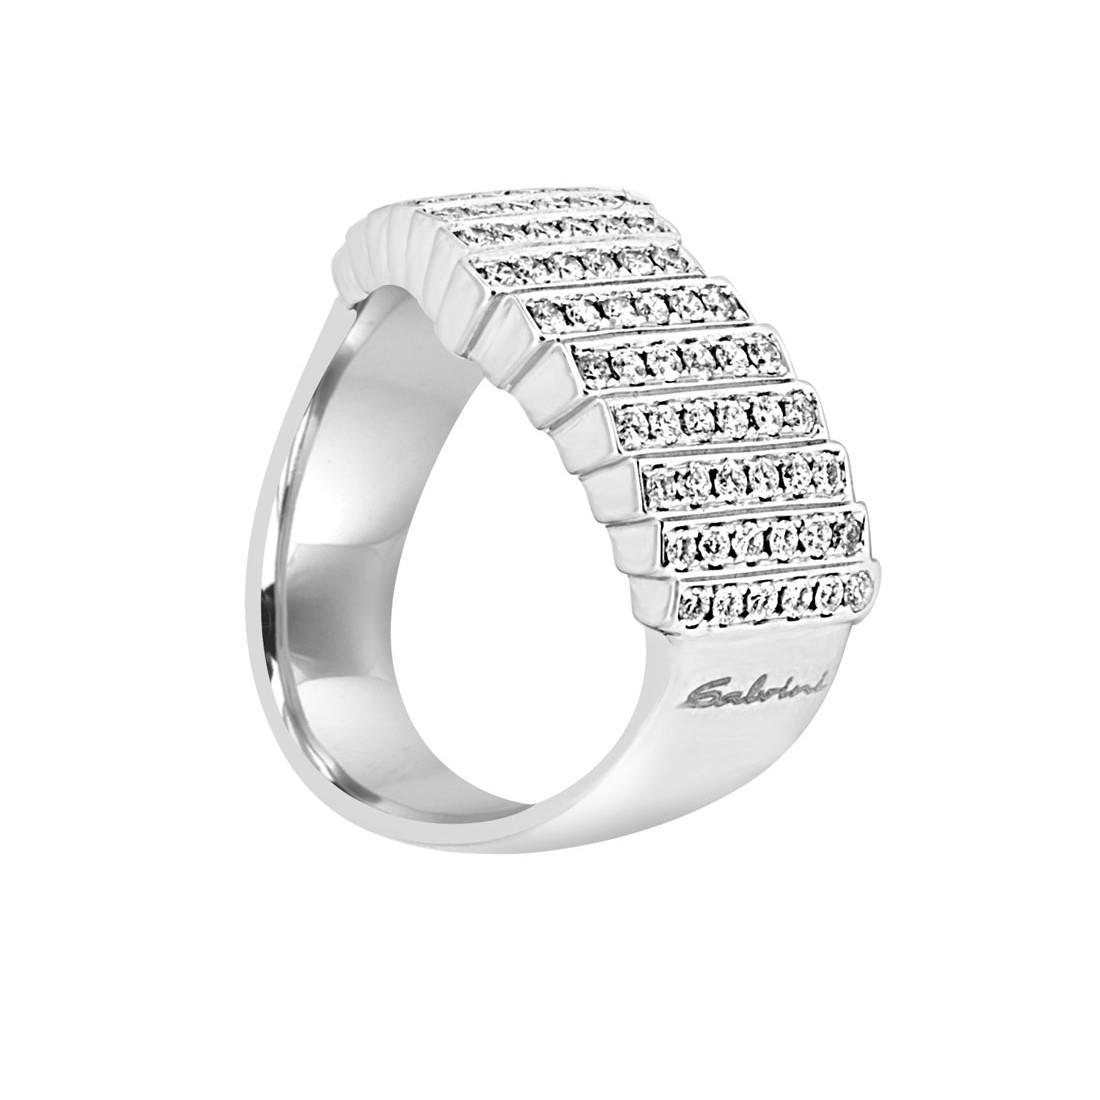 Anello in oro bianco con diamanti mis 14 - SALVINI